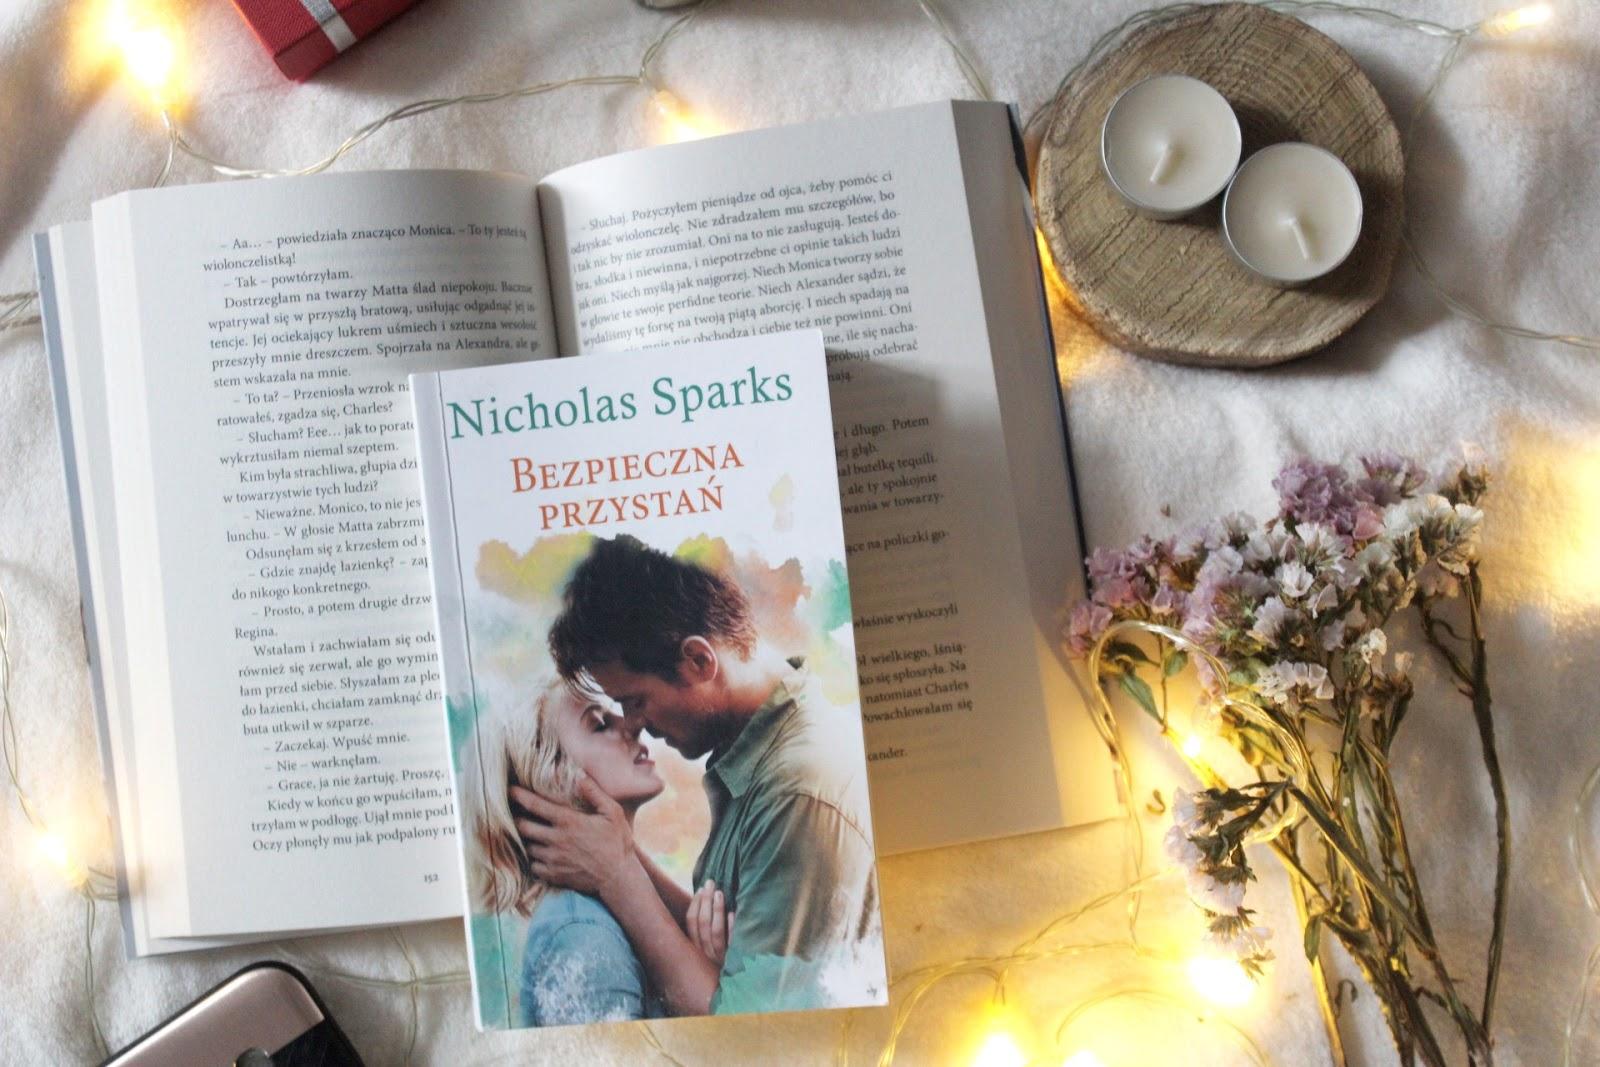 Bezpieczna Przystań, Nicholas Sparks. Ucieczka z koszmaru, damski bokser i nowa miłość.